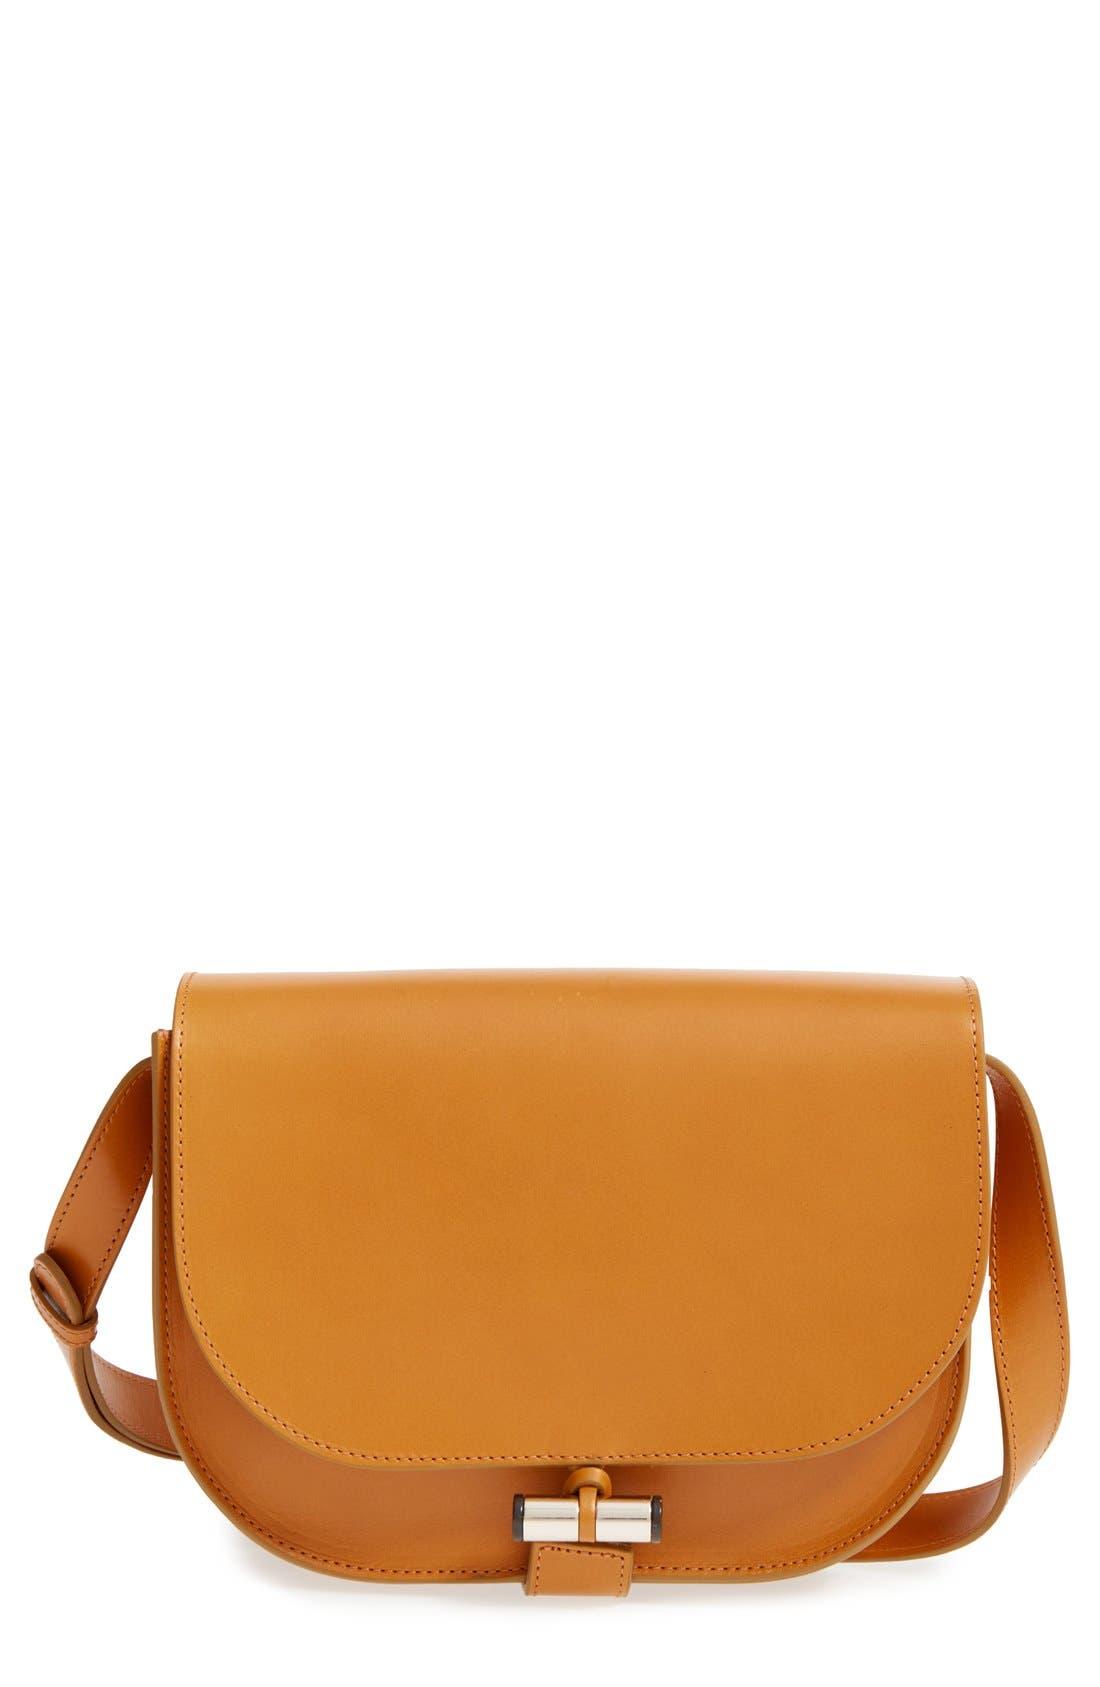 'Sac June' Leather Shoulder Bag, Main, color, 700